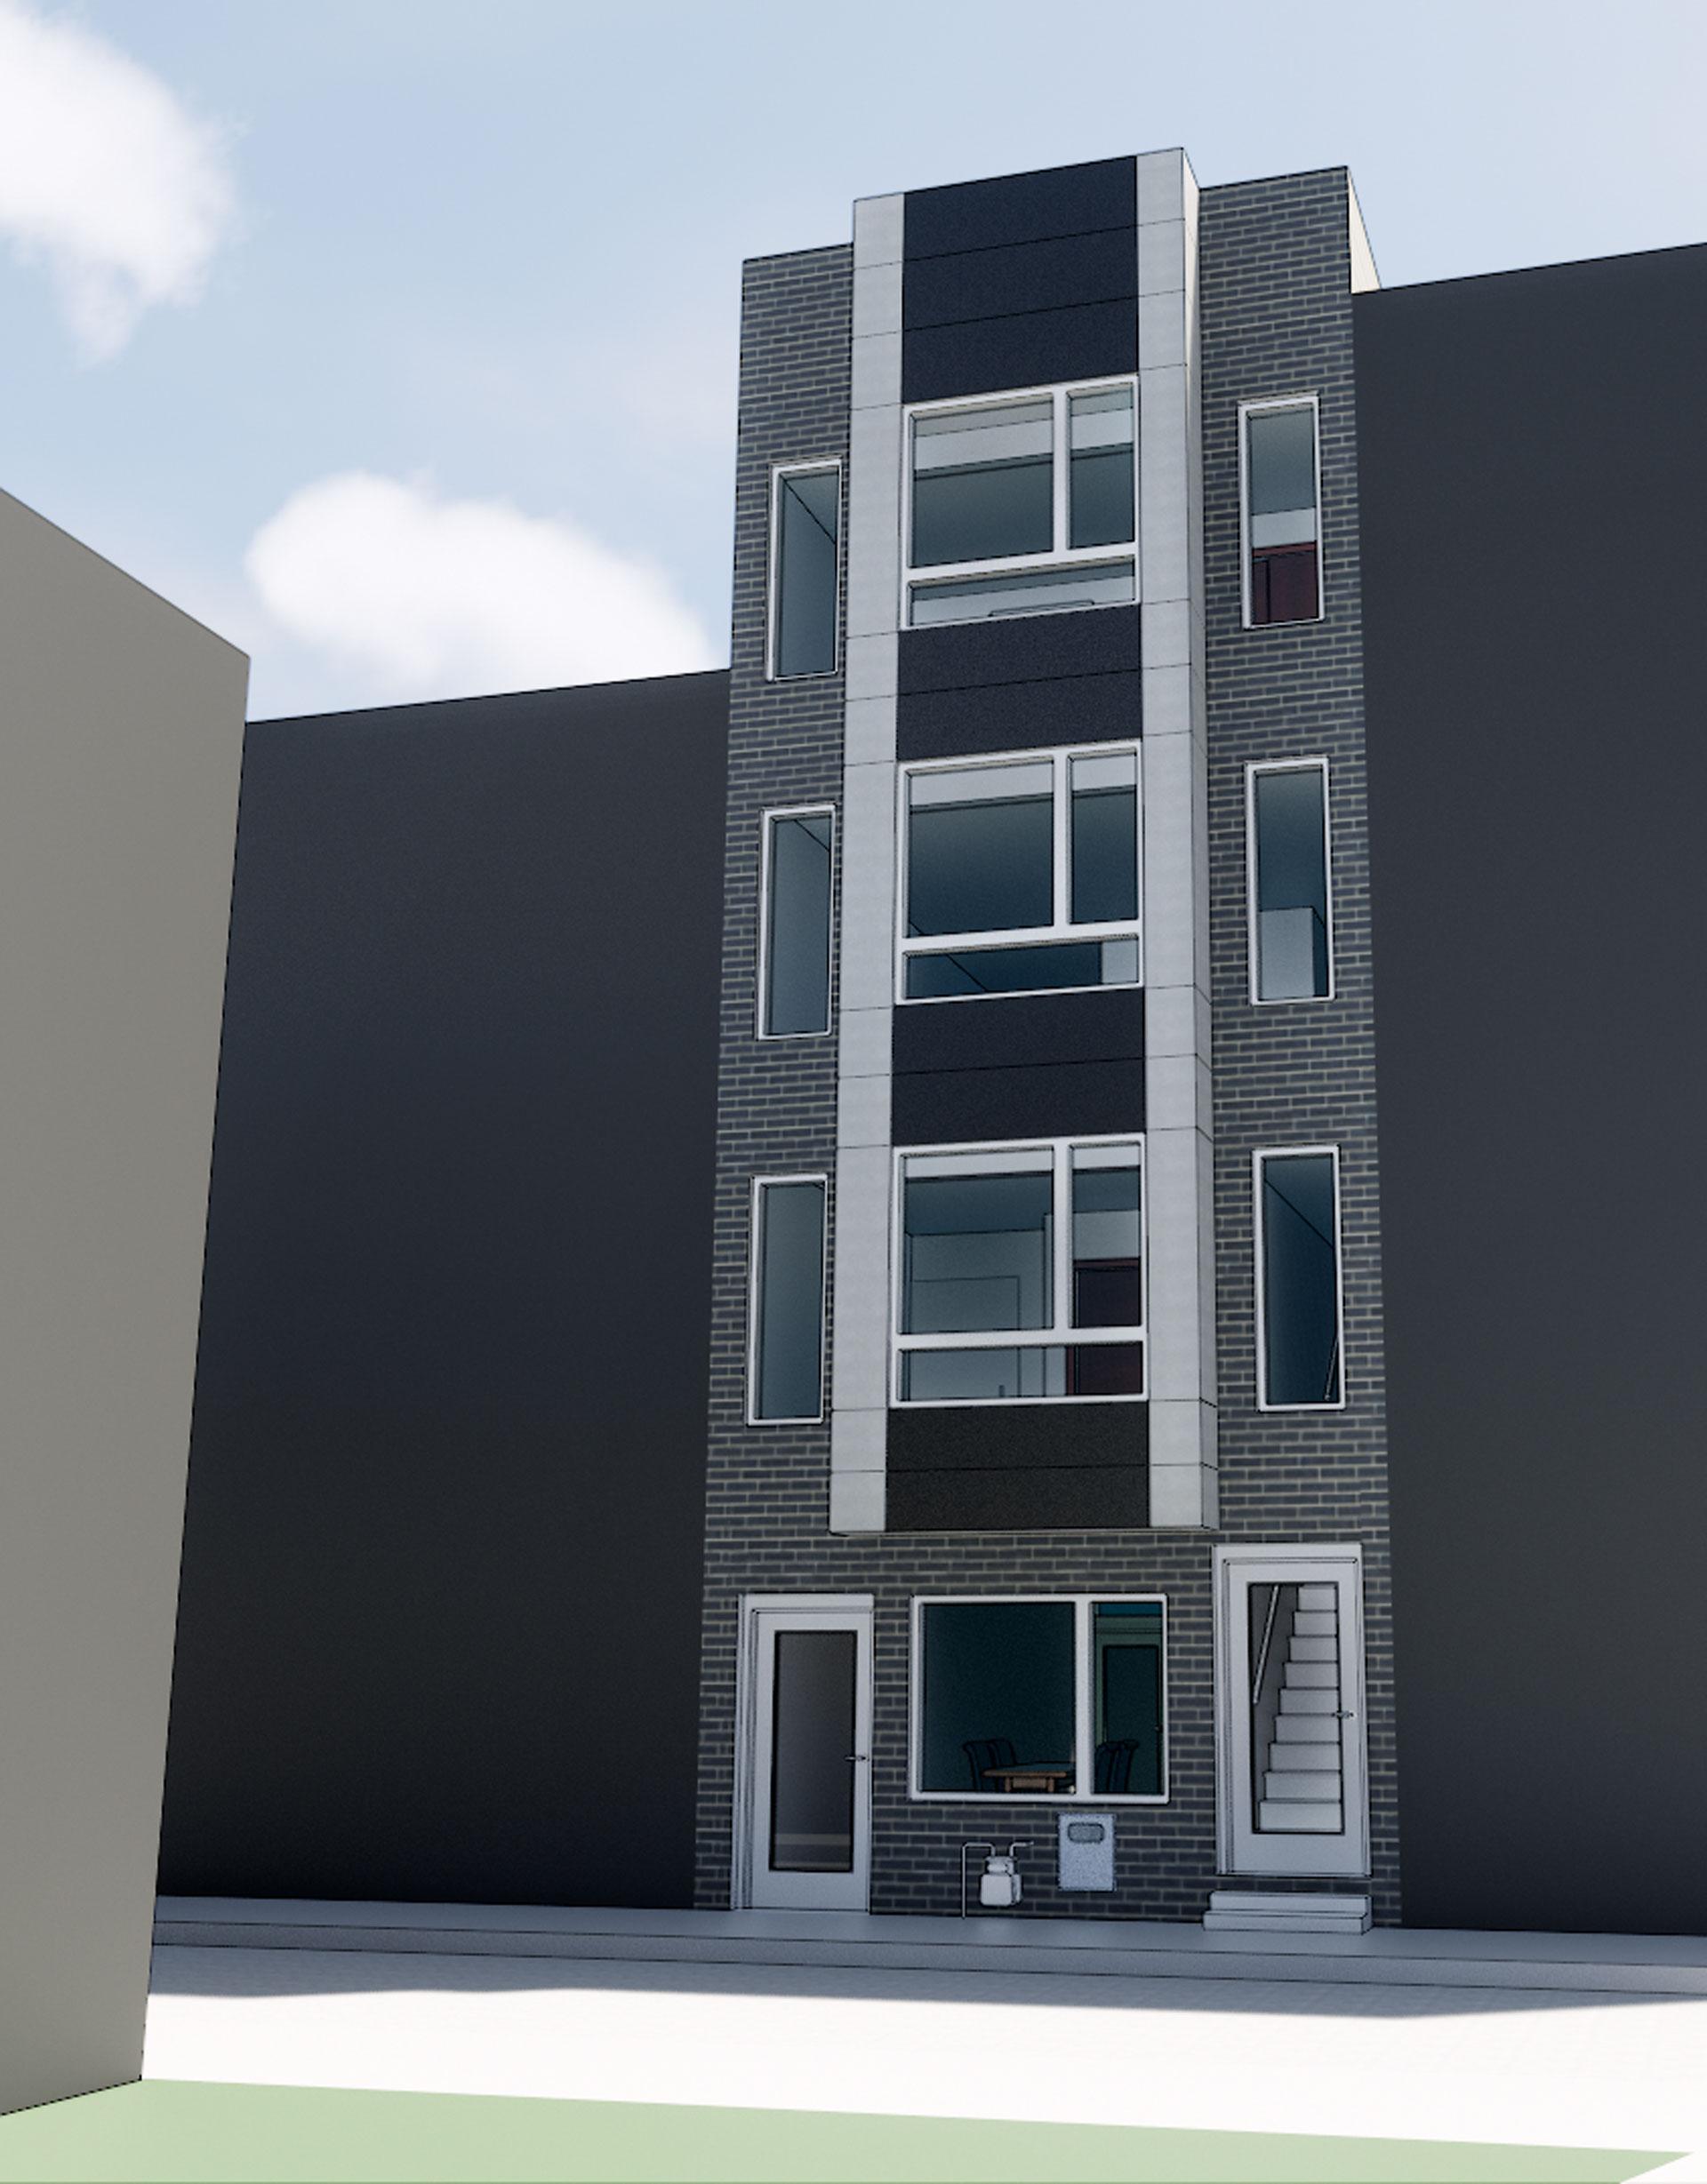 Duplex apartment building design philadelphia